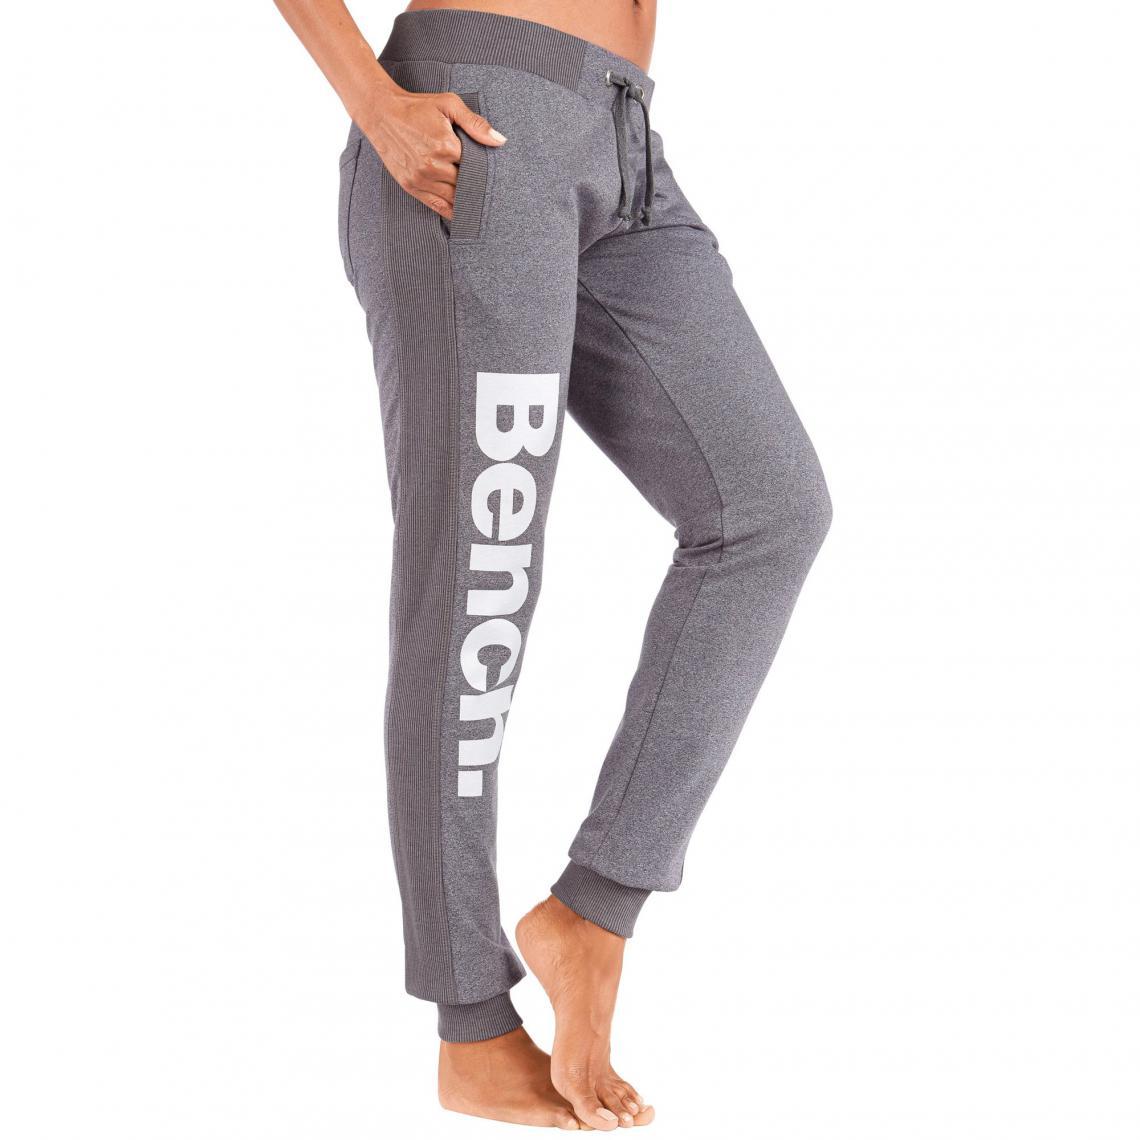 Pantalon de jogging molleton femme Bench - Multicolore Bench Femme 01365e049f1